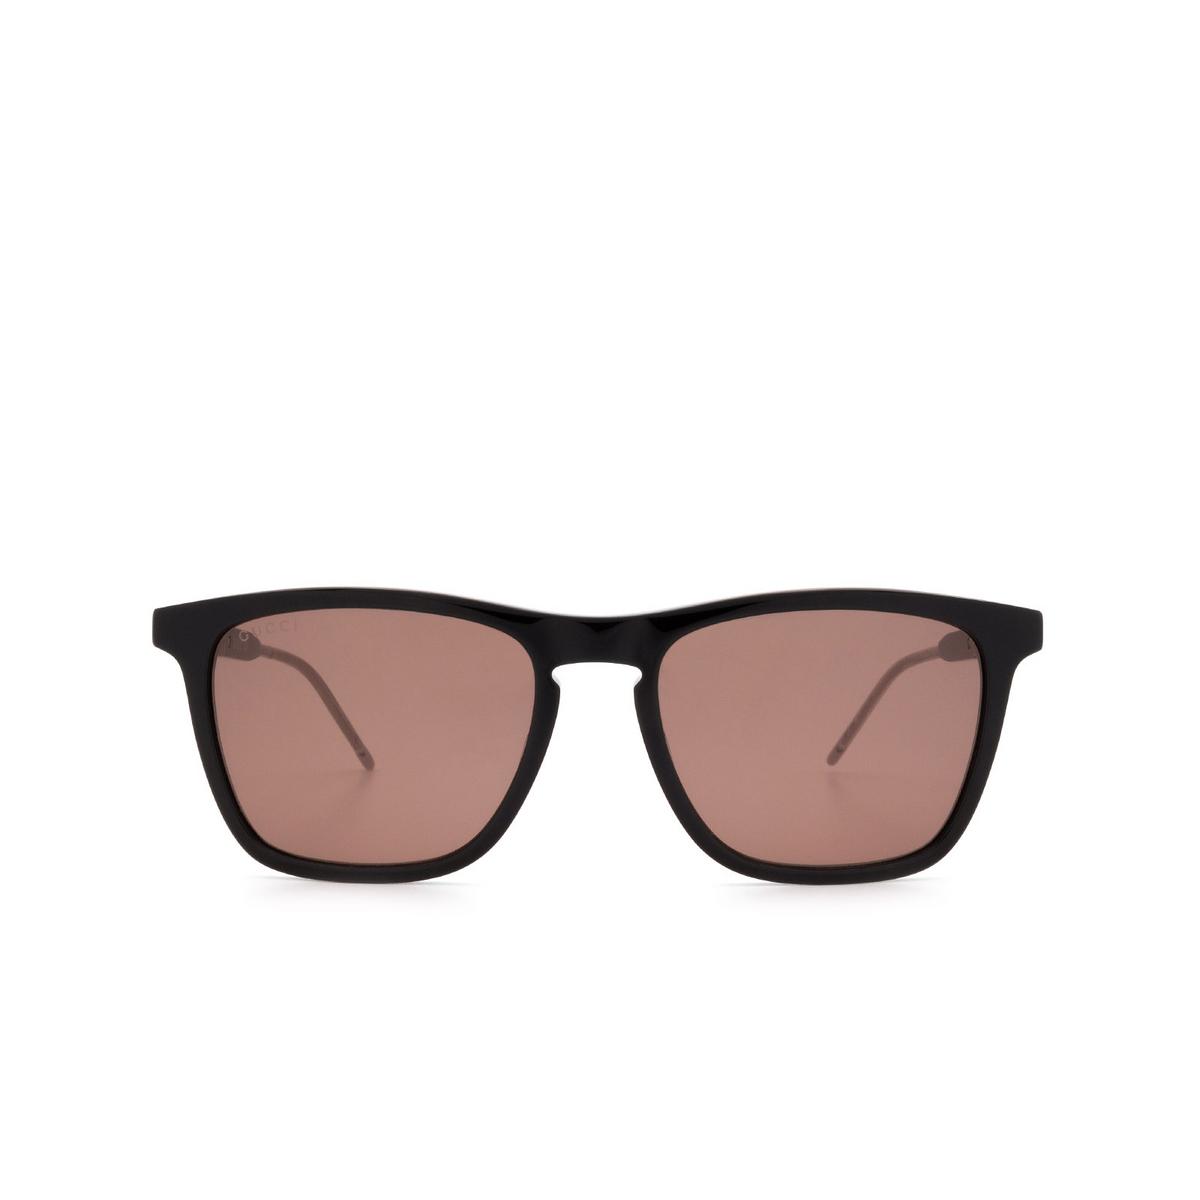 Gucci® Square Sunglasses: GG0843S color Black 004 - 1/3.